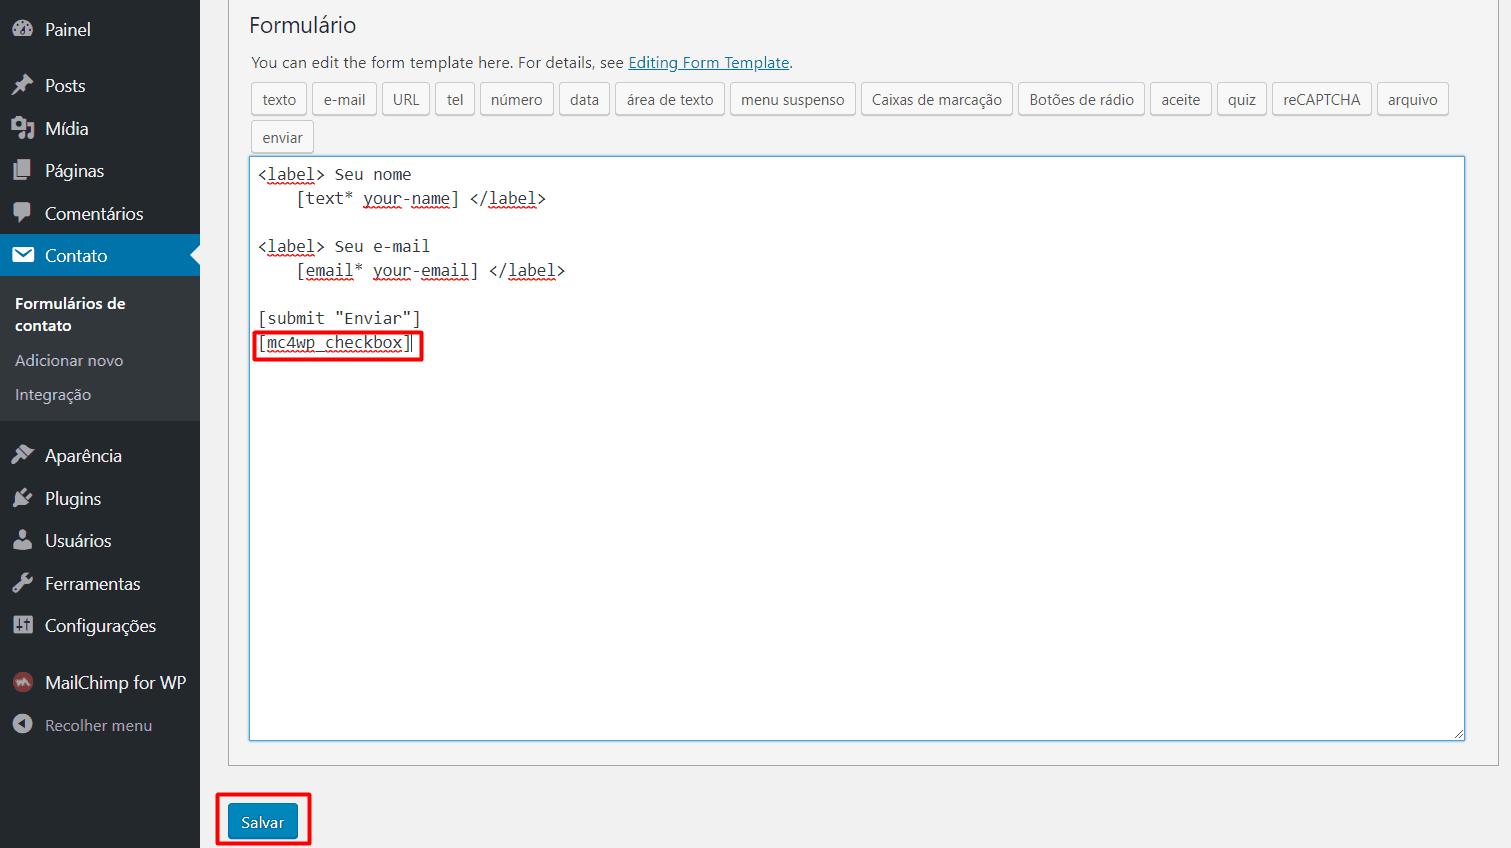 Salvando as configurações dos formulários